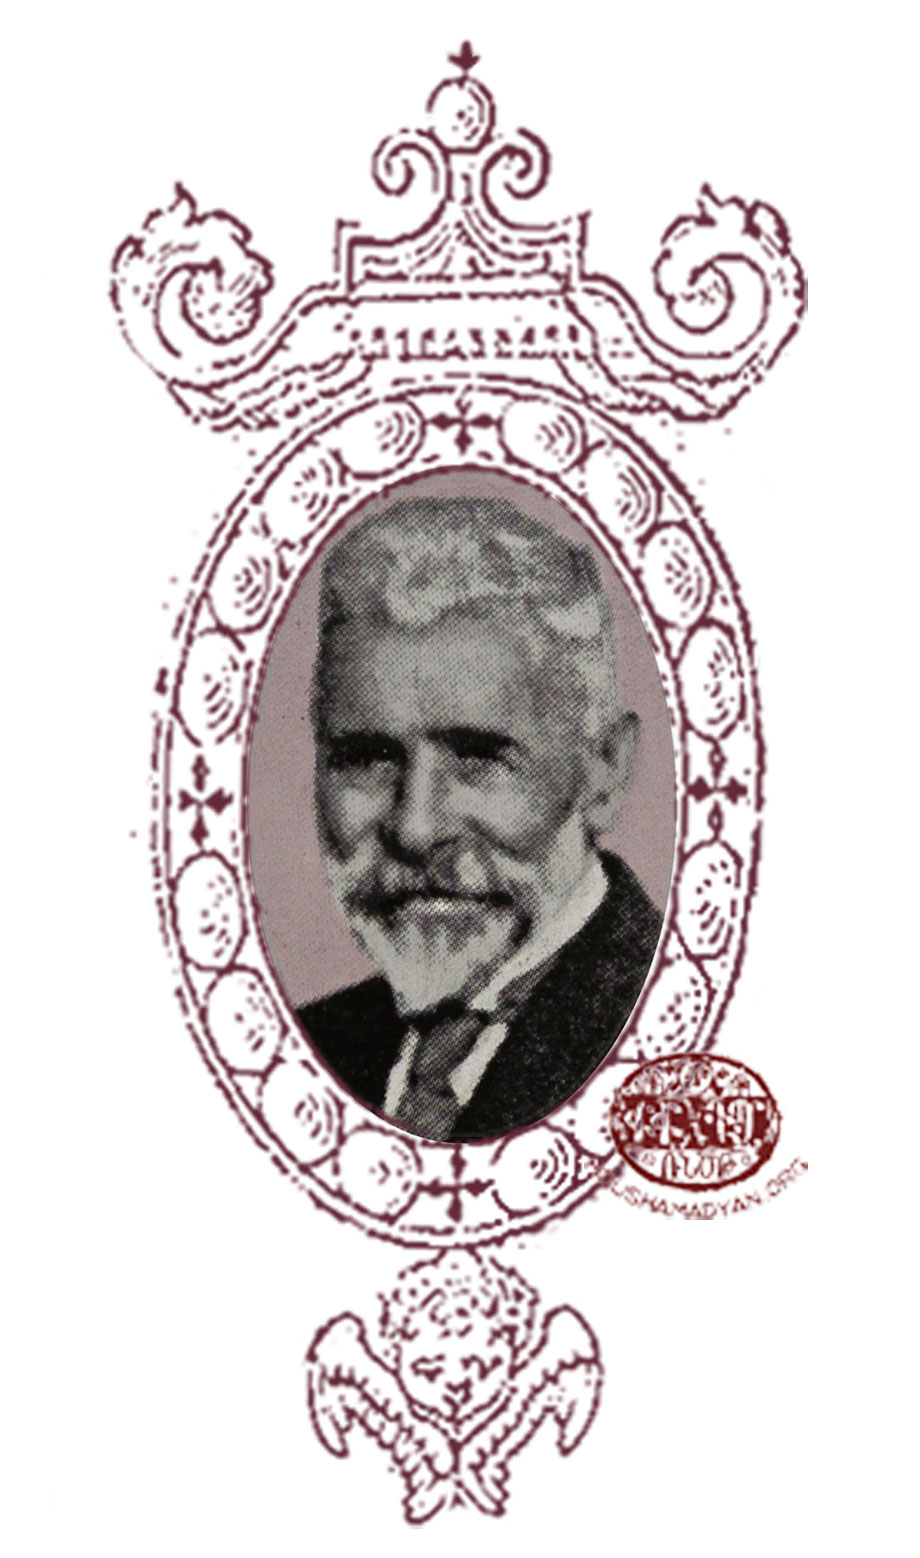 Haroutun Avakian